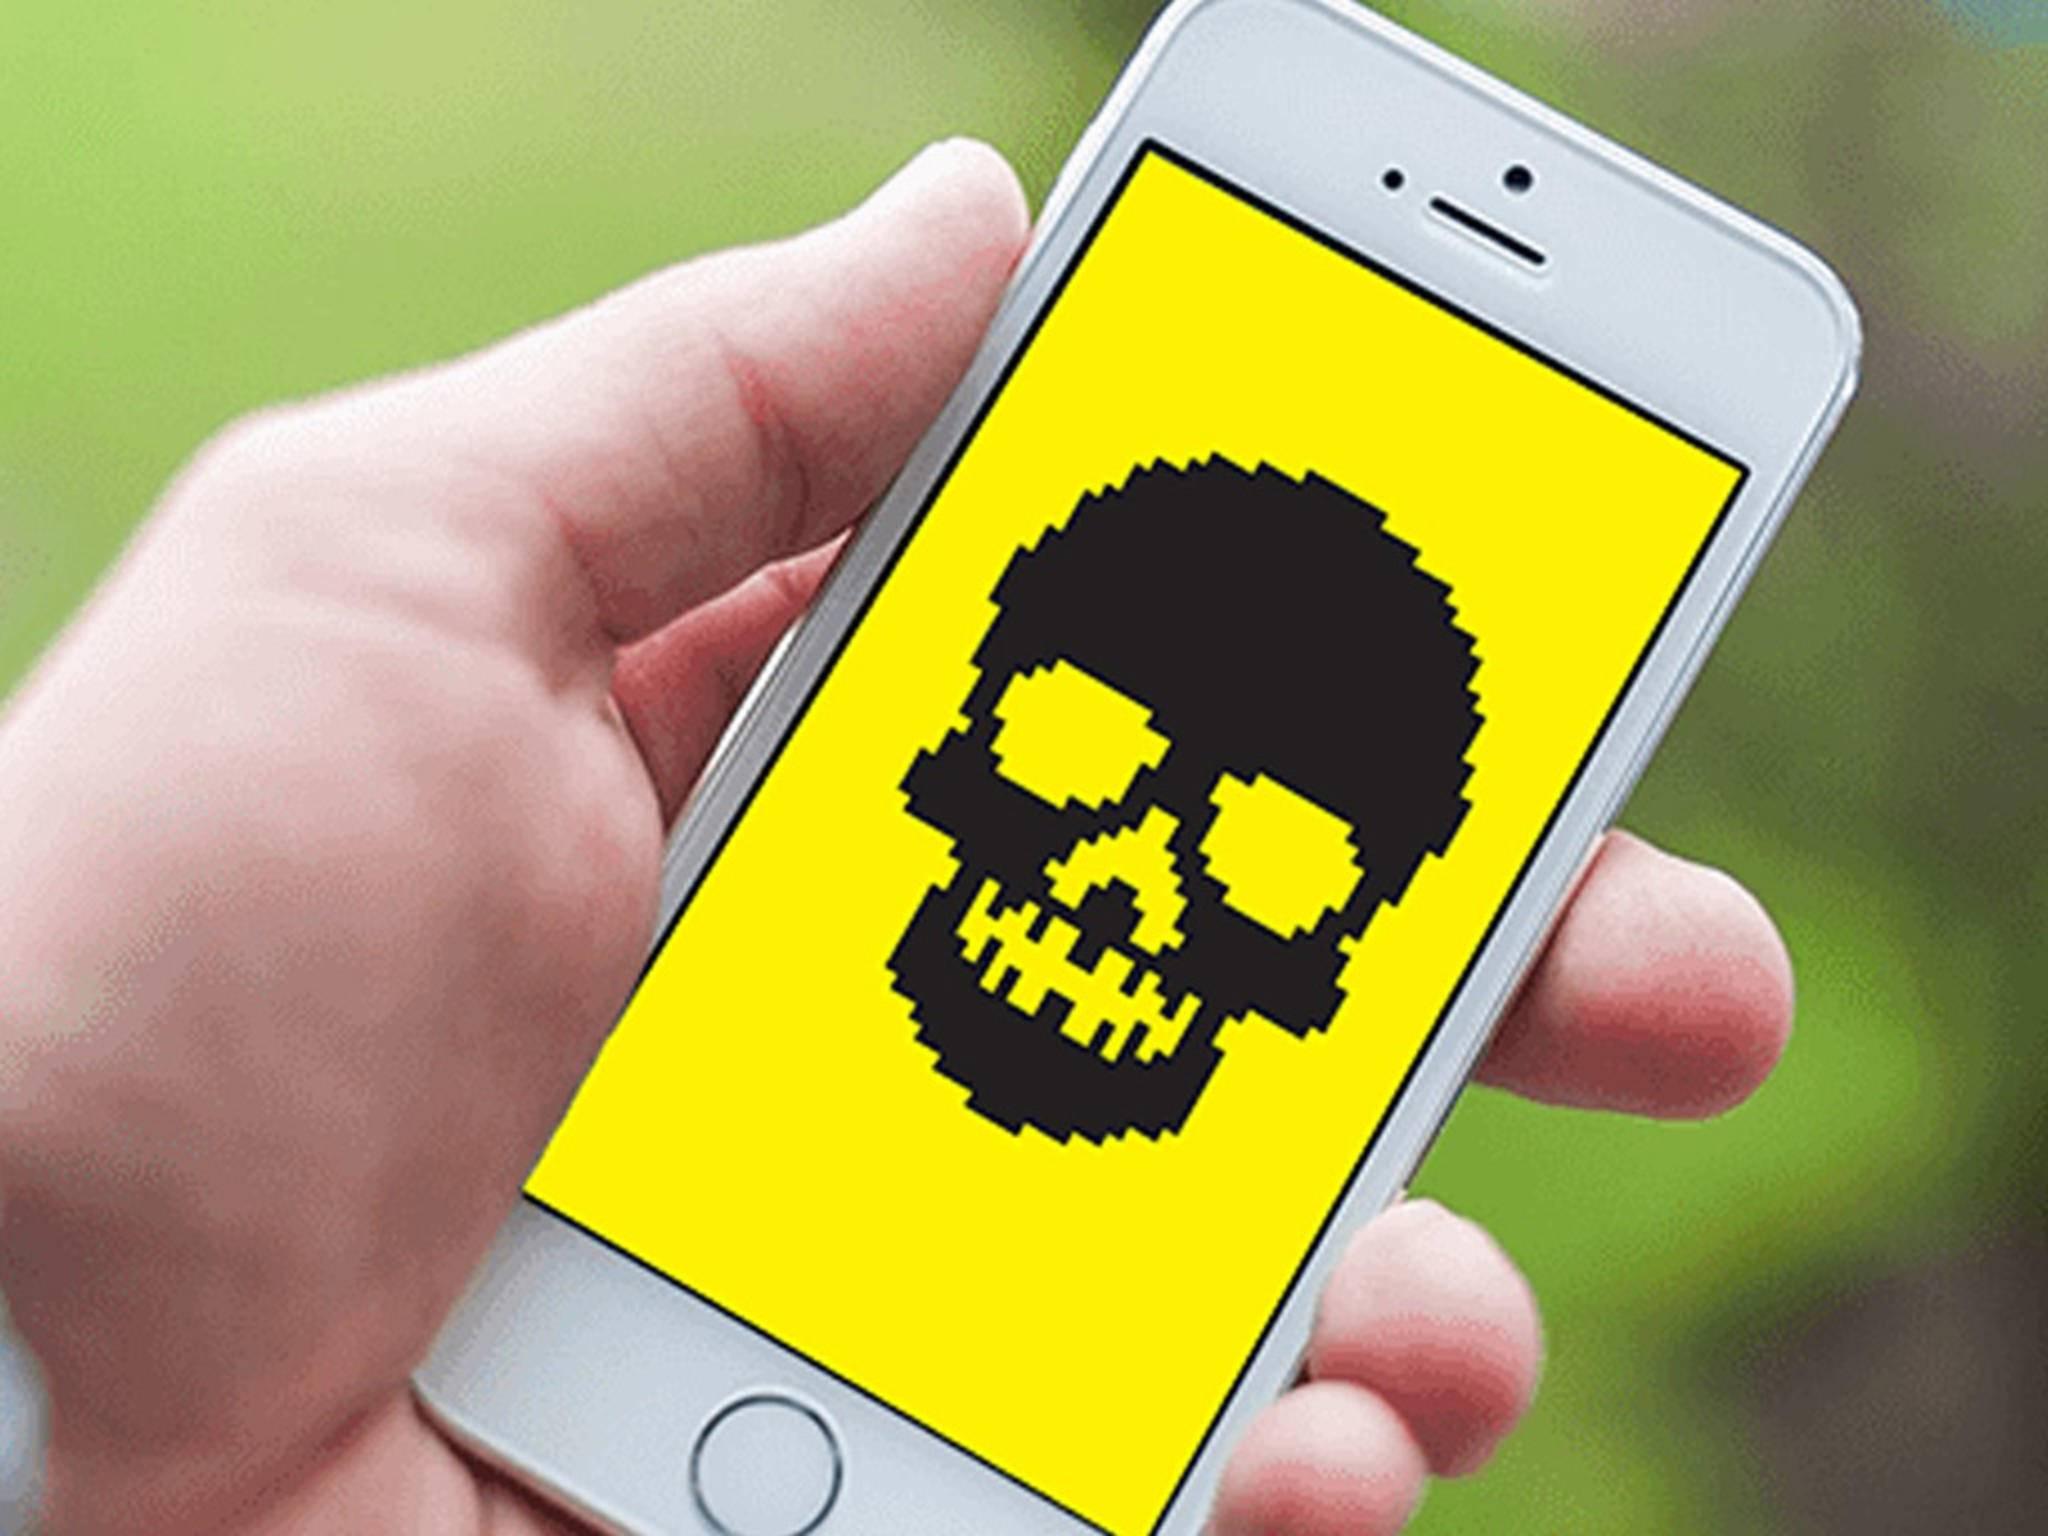 Die iOS-Malware KeyRaider hat die Accounts von über 250.000 Nutzern gestohlen.